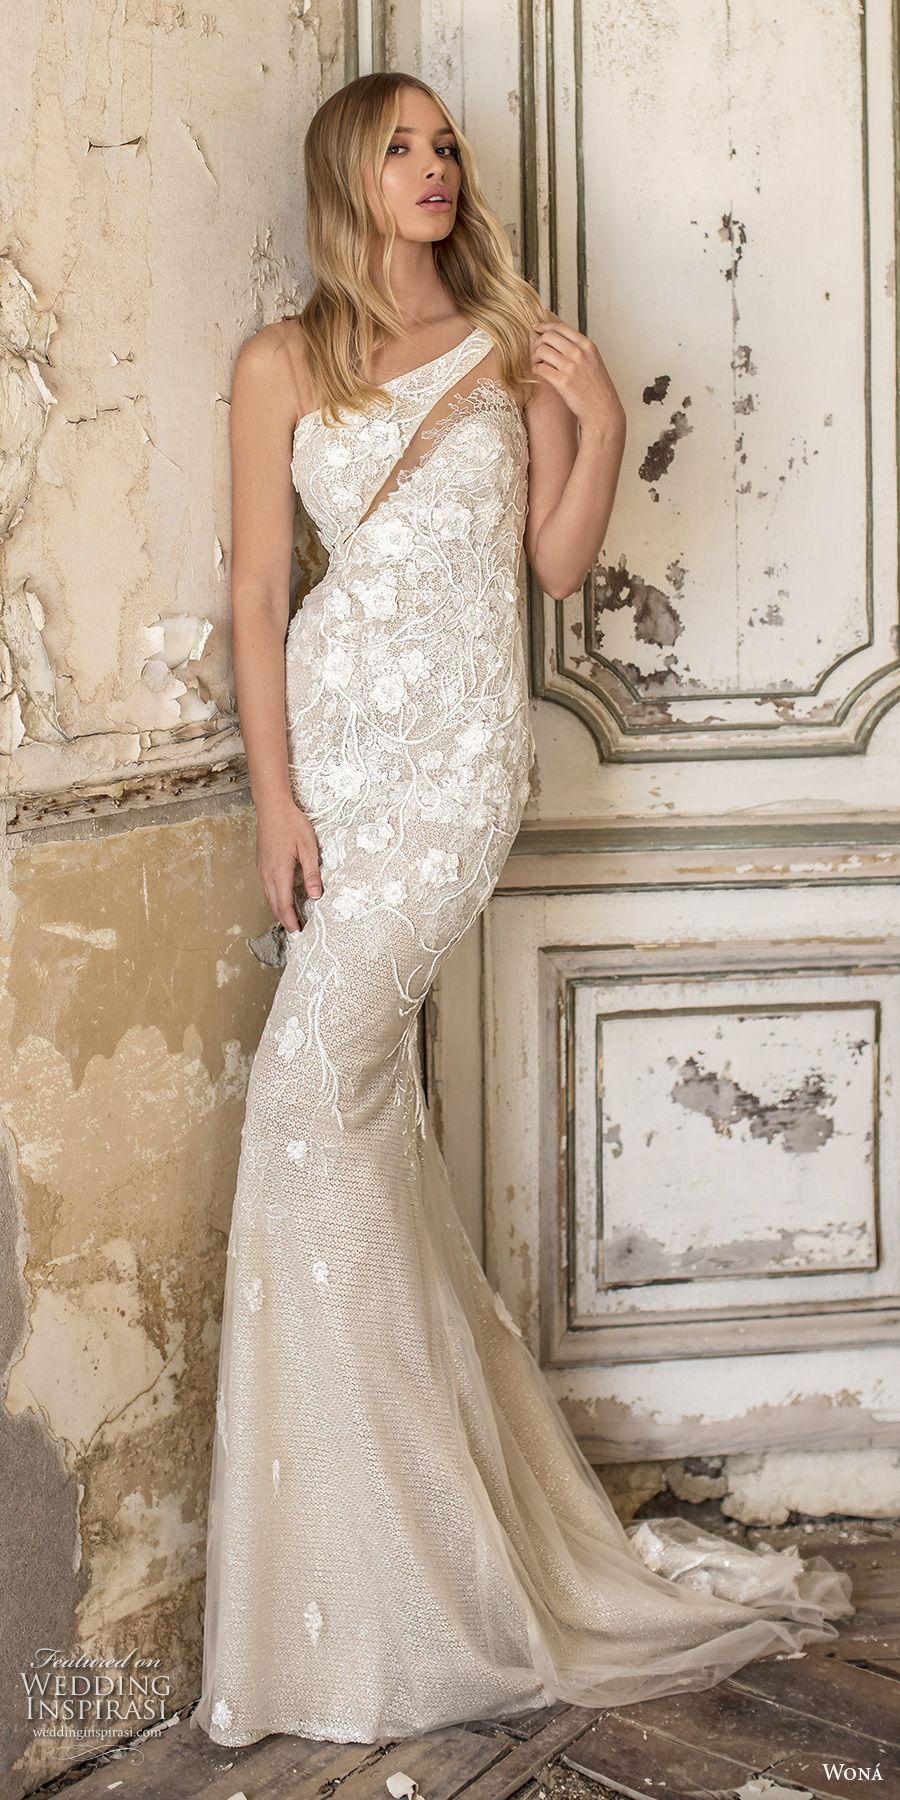 wona 2020 couture bridal one shoulder heavily embellished bodice elegant fit and flare sheath wedding dress mid back short train (16) mv